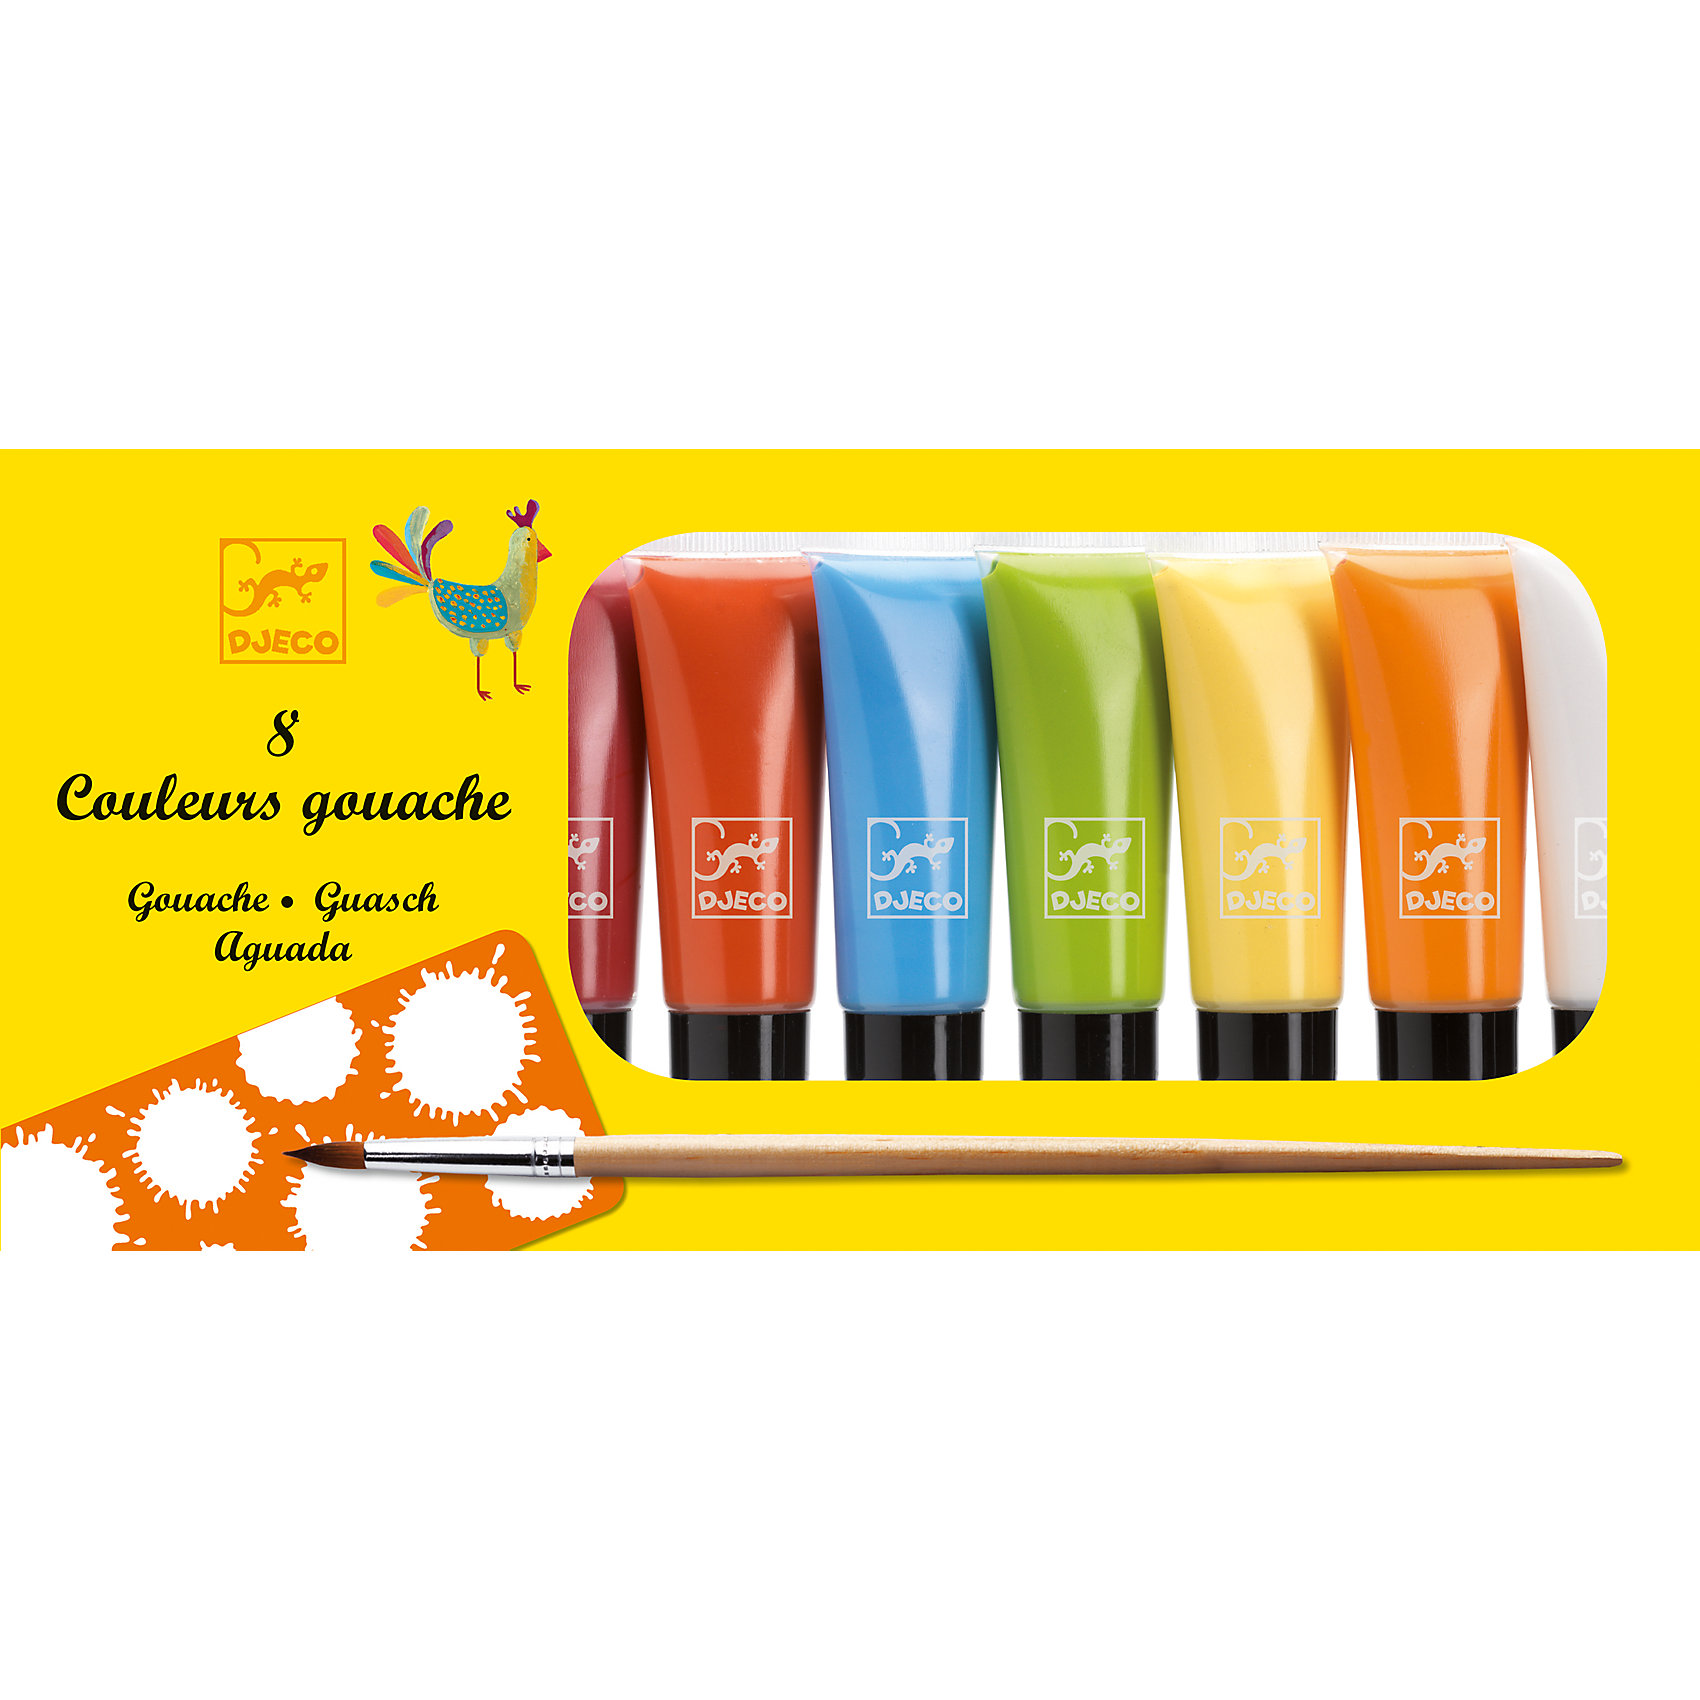 Наборы с красками Гуашь, 8 пастельных цветов, DJECOРисование<br>Характеристики набора с красками гуашь, 8 пастельных цветов:<br><br>• возраст: от 6 лет<br>• пол: универсальный<br>• комплект: 8 тюбиков с красками по 22 мл, пластиковая палитра для смешивания цветов, кисточка<br>• состав: картон, пластик.<br>• бренд: Djeco<br>• страна обладатель бренда: Франция.<br><br>Рисование превосходно развивает фантазию и творческие способности ребенка. А с качественным набором гуаши пастельных цветов творить картины приятнее вдвойне! Набор гуаши нежных пастельных цветов особенно понраится девочкам, с его помощью можно нарисовать множество цветочков, бабочек и принцесс. <br><br>Краски нетоксичные, высокого качества, абсолютно безопасны для детей. <br>Цвета: бордовый, розовый, сиреневый, голубой, оранжевый, желтый, зеленый, белый. <br>Краски рекомендованы для детей от 6 лет. <br>Набор продается в яркой коробке и идеально подходит в качестве подарка. <br><br>Купить набор гуаши 8 пастельных цветов от торговой марки Djeco (Джеко) Вы можете в нашем интернет магазине.<br><br>Ширина мм: 230<br>Глубина мм: 120<br>Высота мм: 30<br>Вес г: 176<br>Возраст от месяцев: 72<br>Возраст до месяцев: 2147483647<br>Пол: Унисекс<br>Возраст: Детский<br>SKU: 5448826